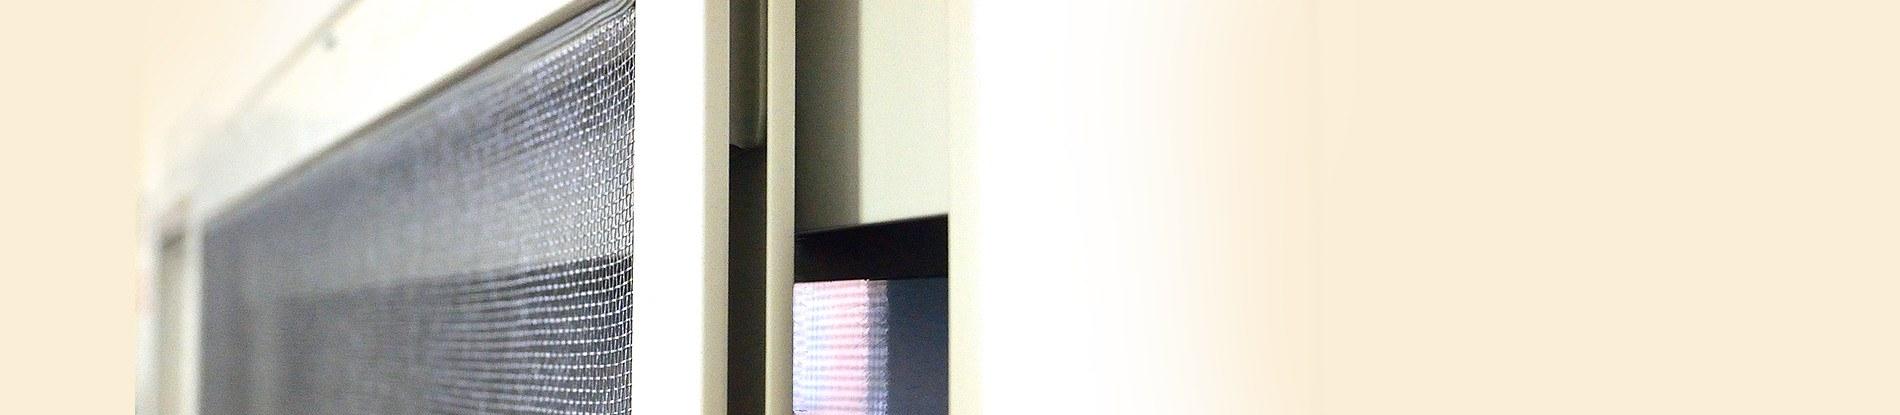 Insektenschutztür Ohne Bohren Befestigen : insektenschutzt r f r balkon schiebet ren ohne bohren ~ Watch28wear.com Haus und Dekorationen